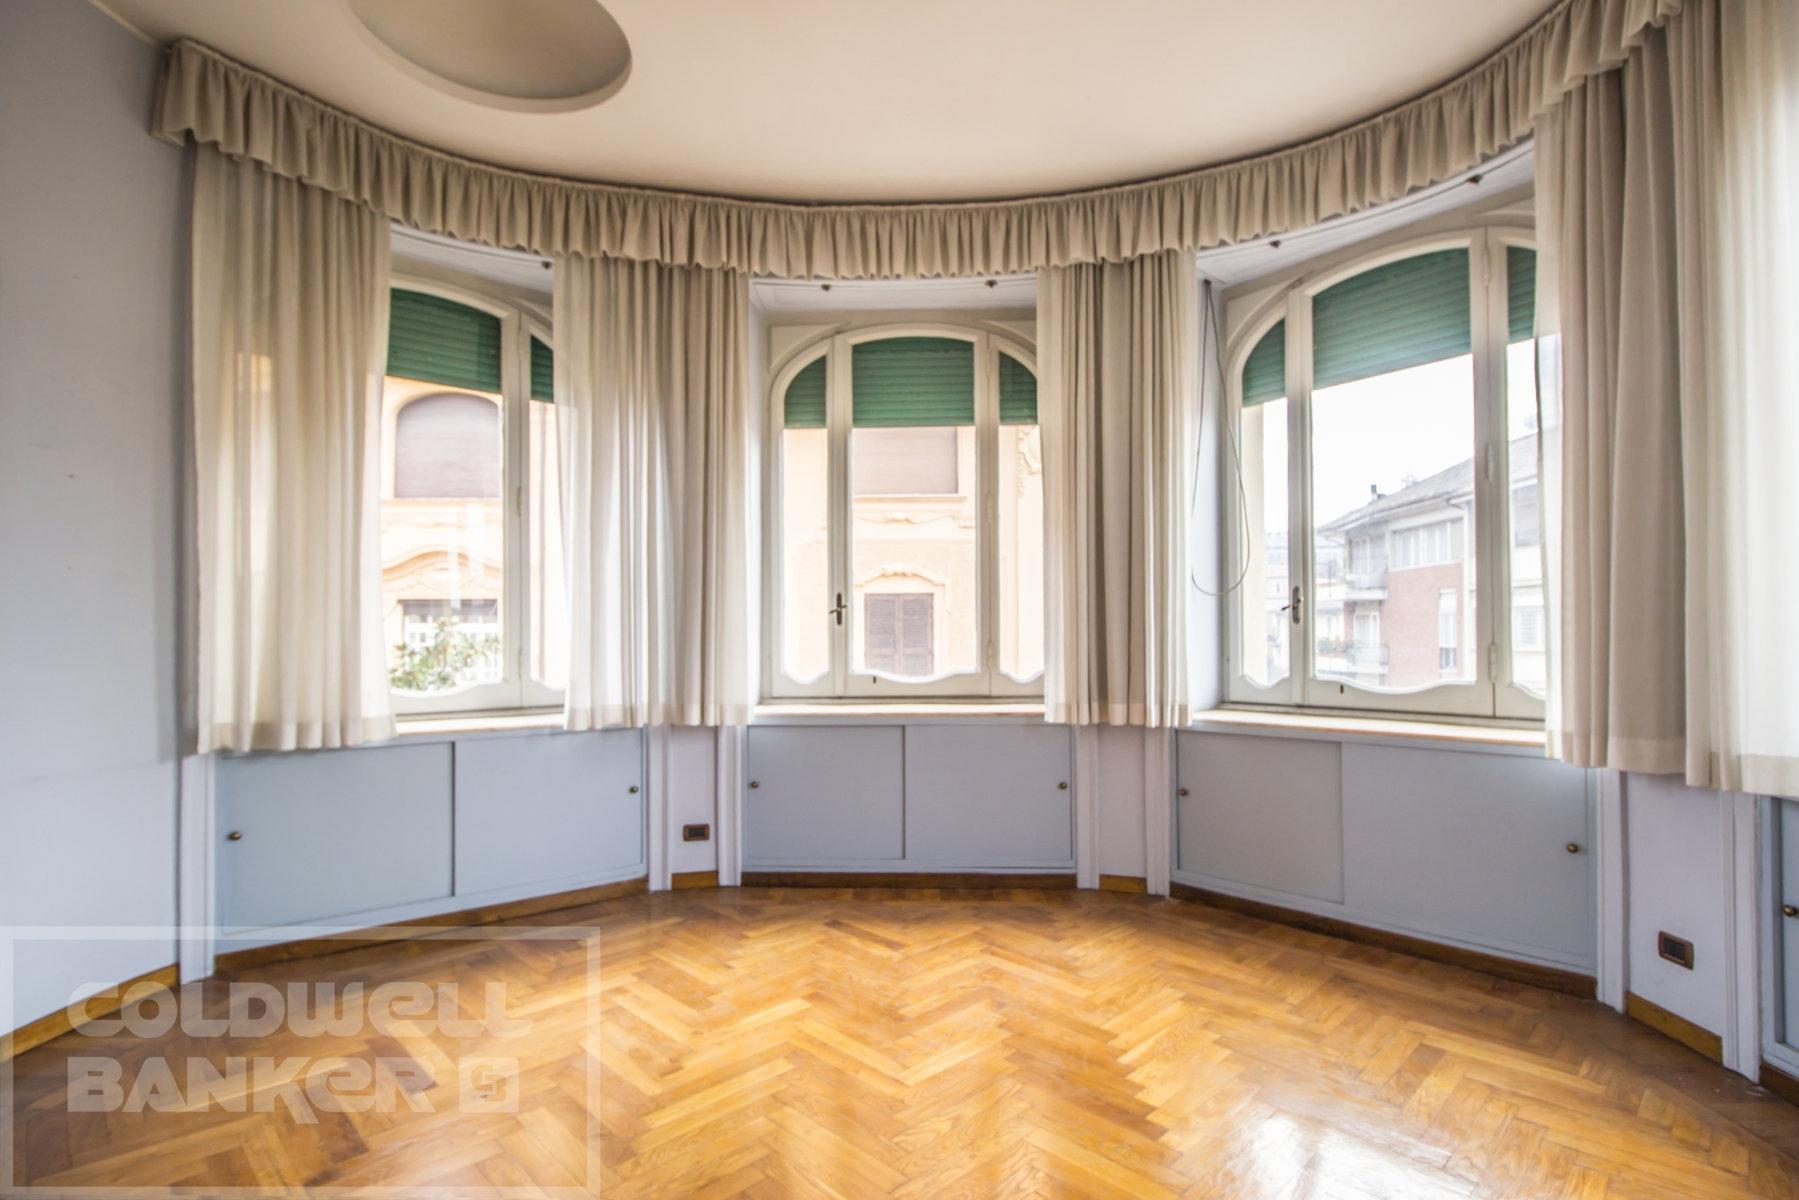 Cbi072 870 ex946 appartamento in vendita a roma for Affitto studio medico roma parioli